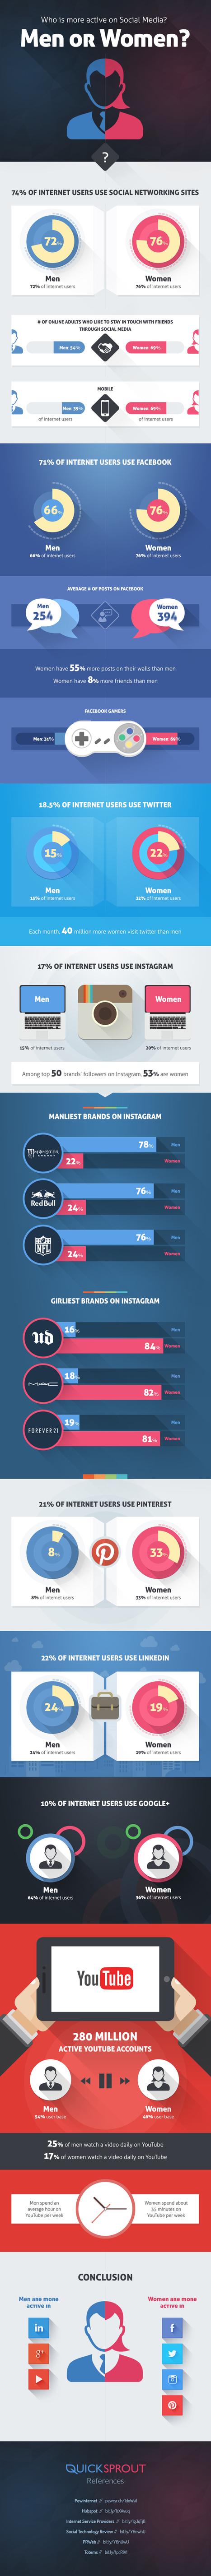 Hombres vs mujeres: ¿quién es más activo en Redes Sociales? #infografia #infographic #socialmedia | Seo, Social Media Marketing | Scoop.it